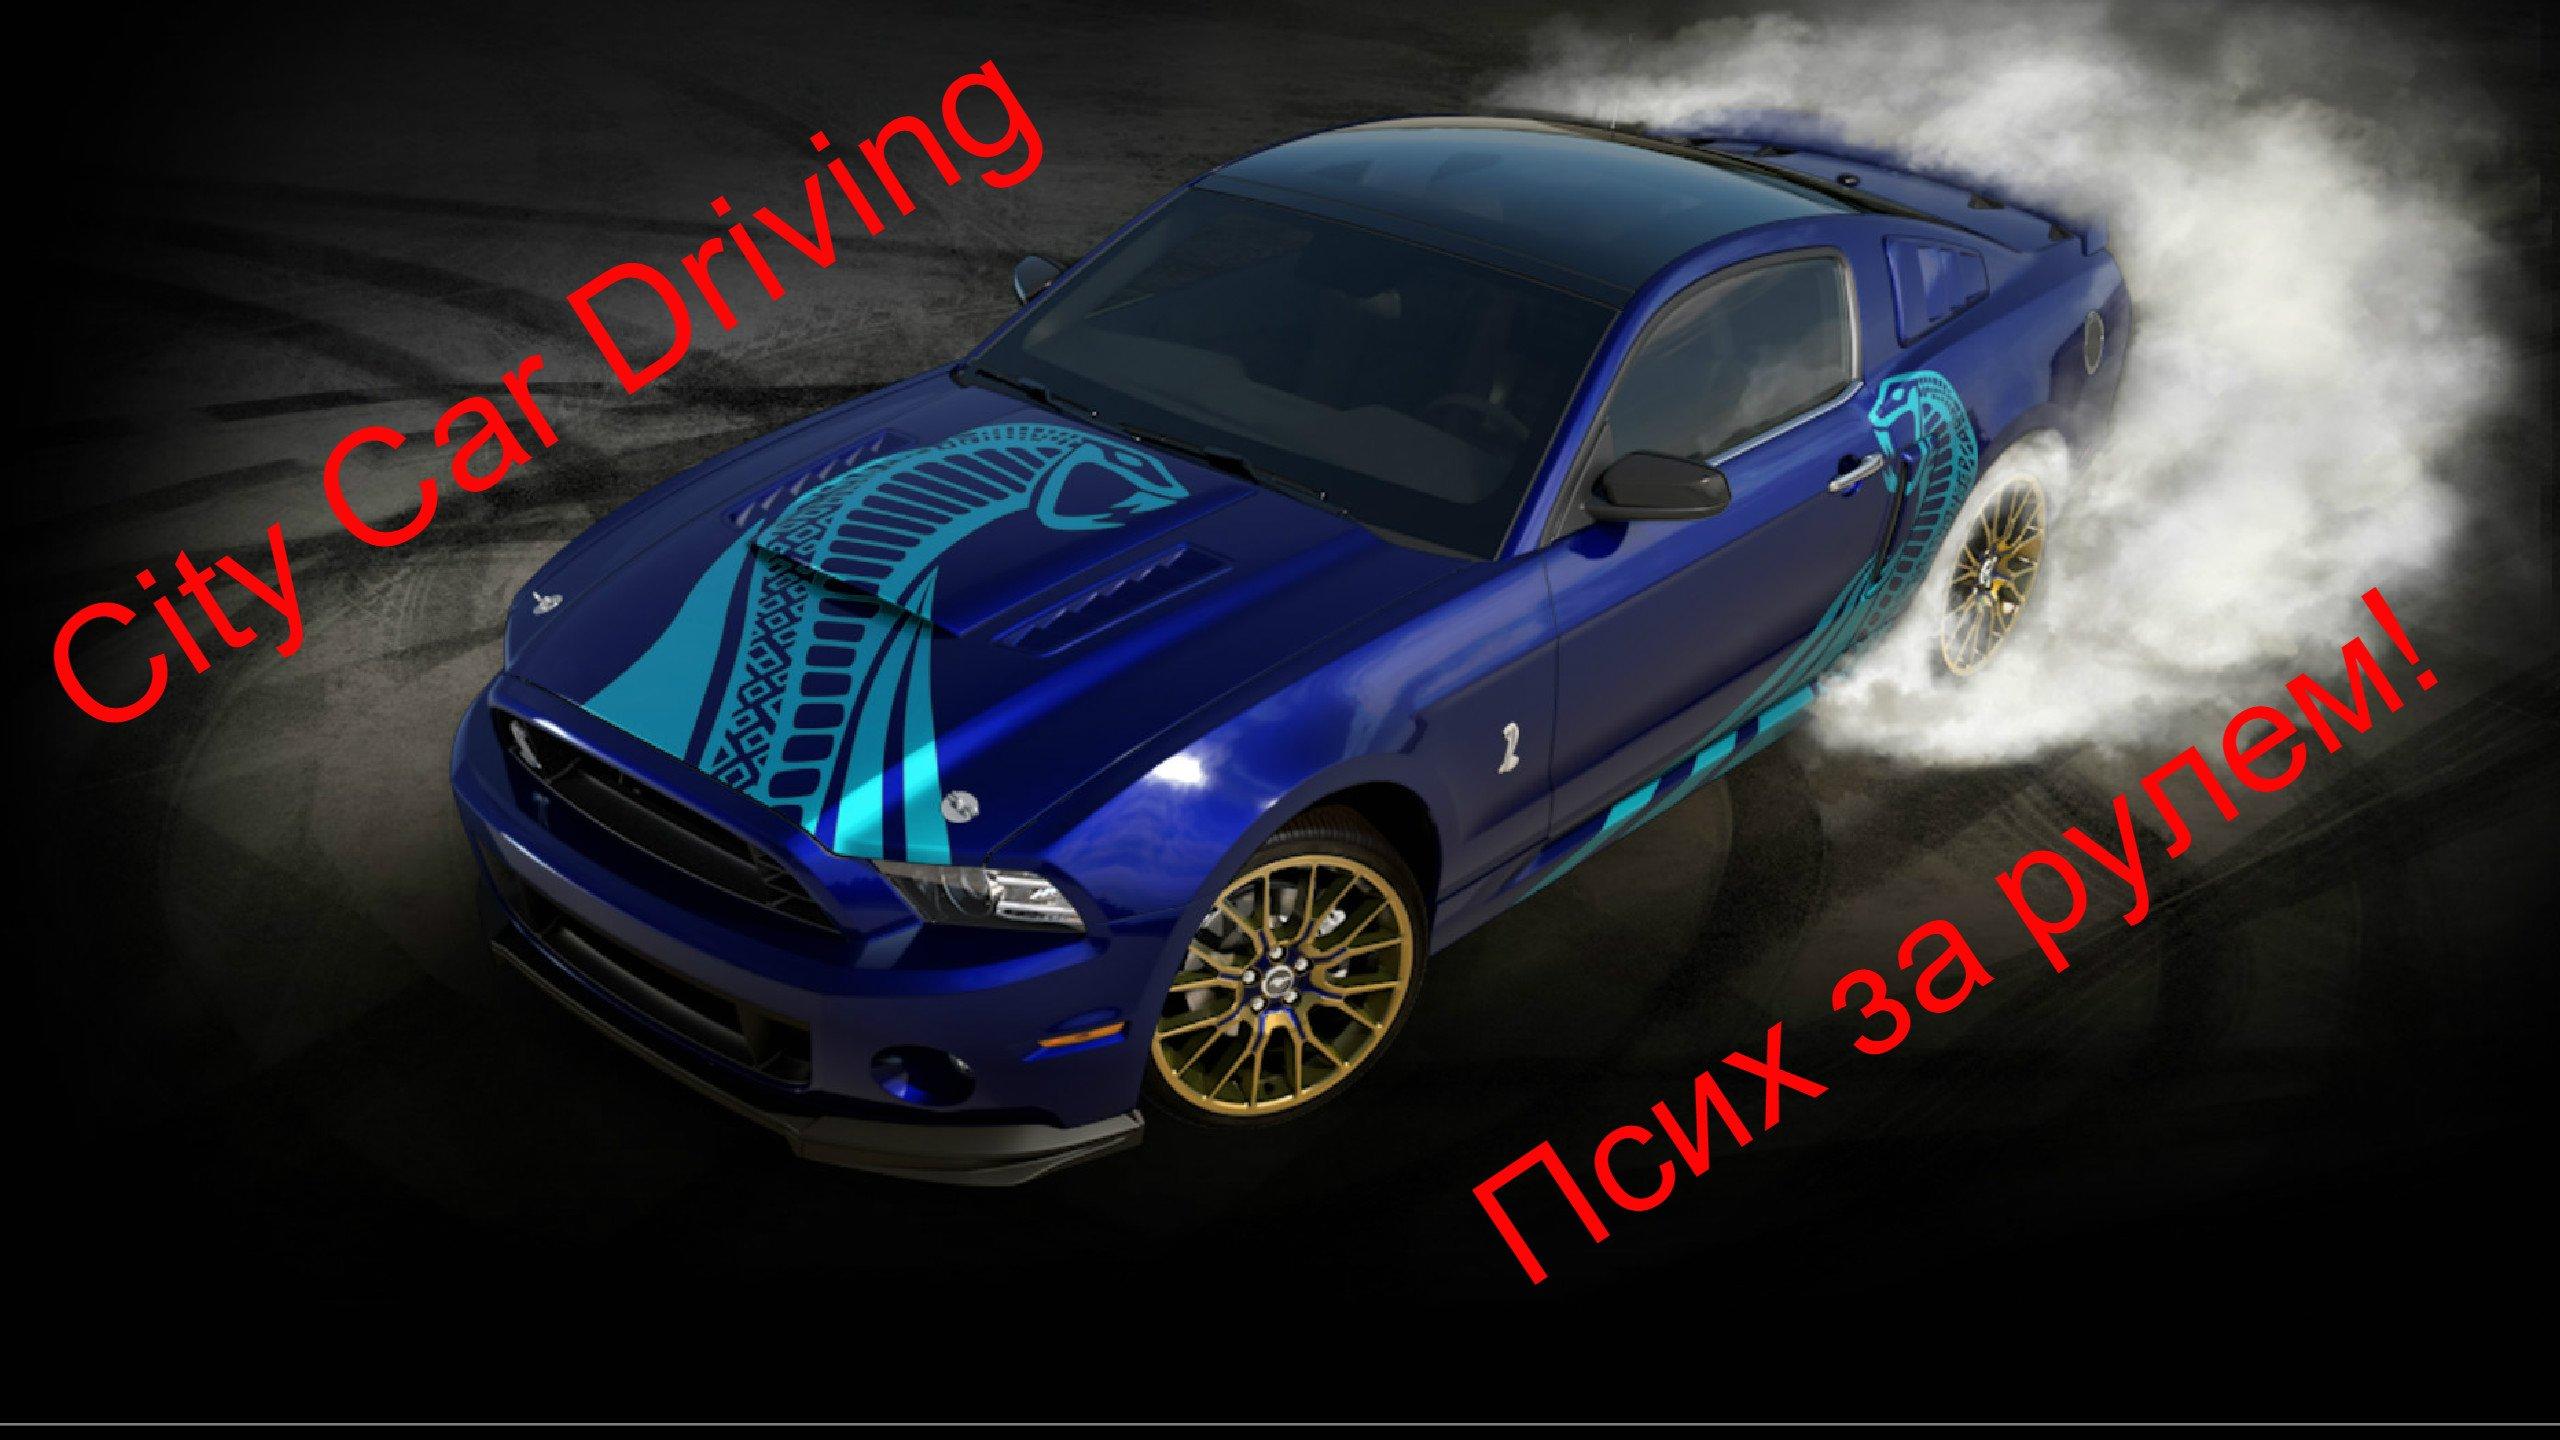 Ford Mustang Shelby GT500 - быстрая, опасная езда без правил, зимний дрифт по городу. Покатушки Pro! - Изображение 1